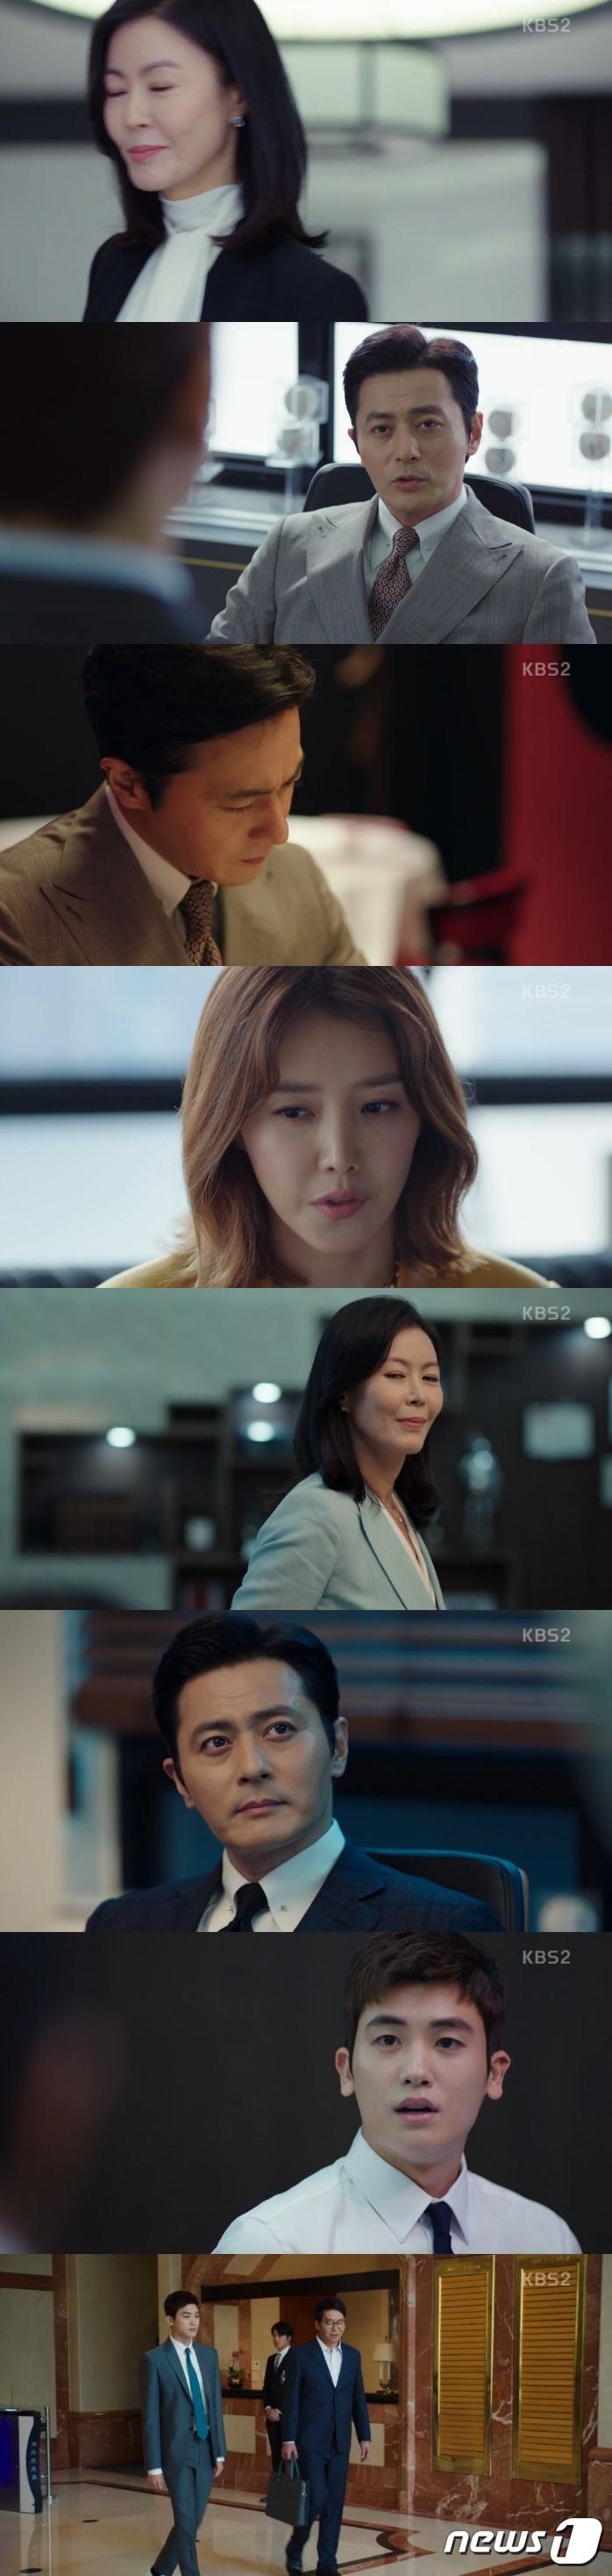 '슈츠' 장동건 구한 채정안, 박형식 신분 숨긴채 정식 변호사 승진(종합)